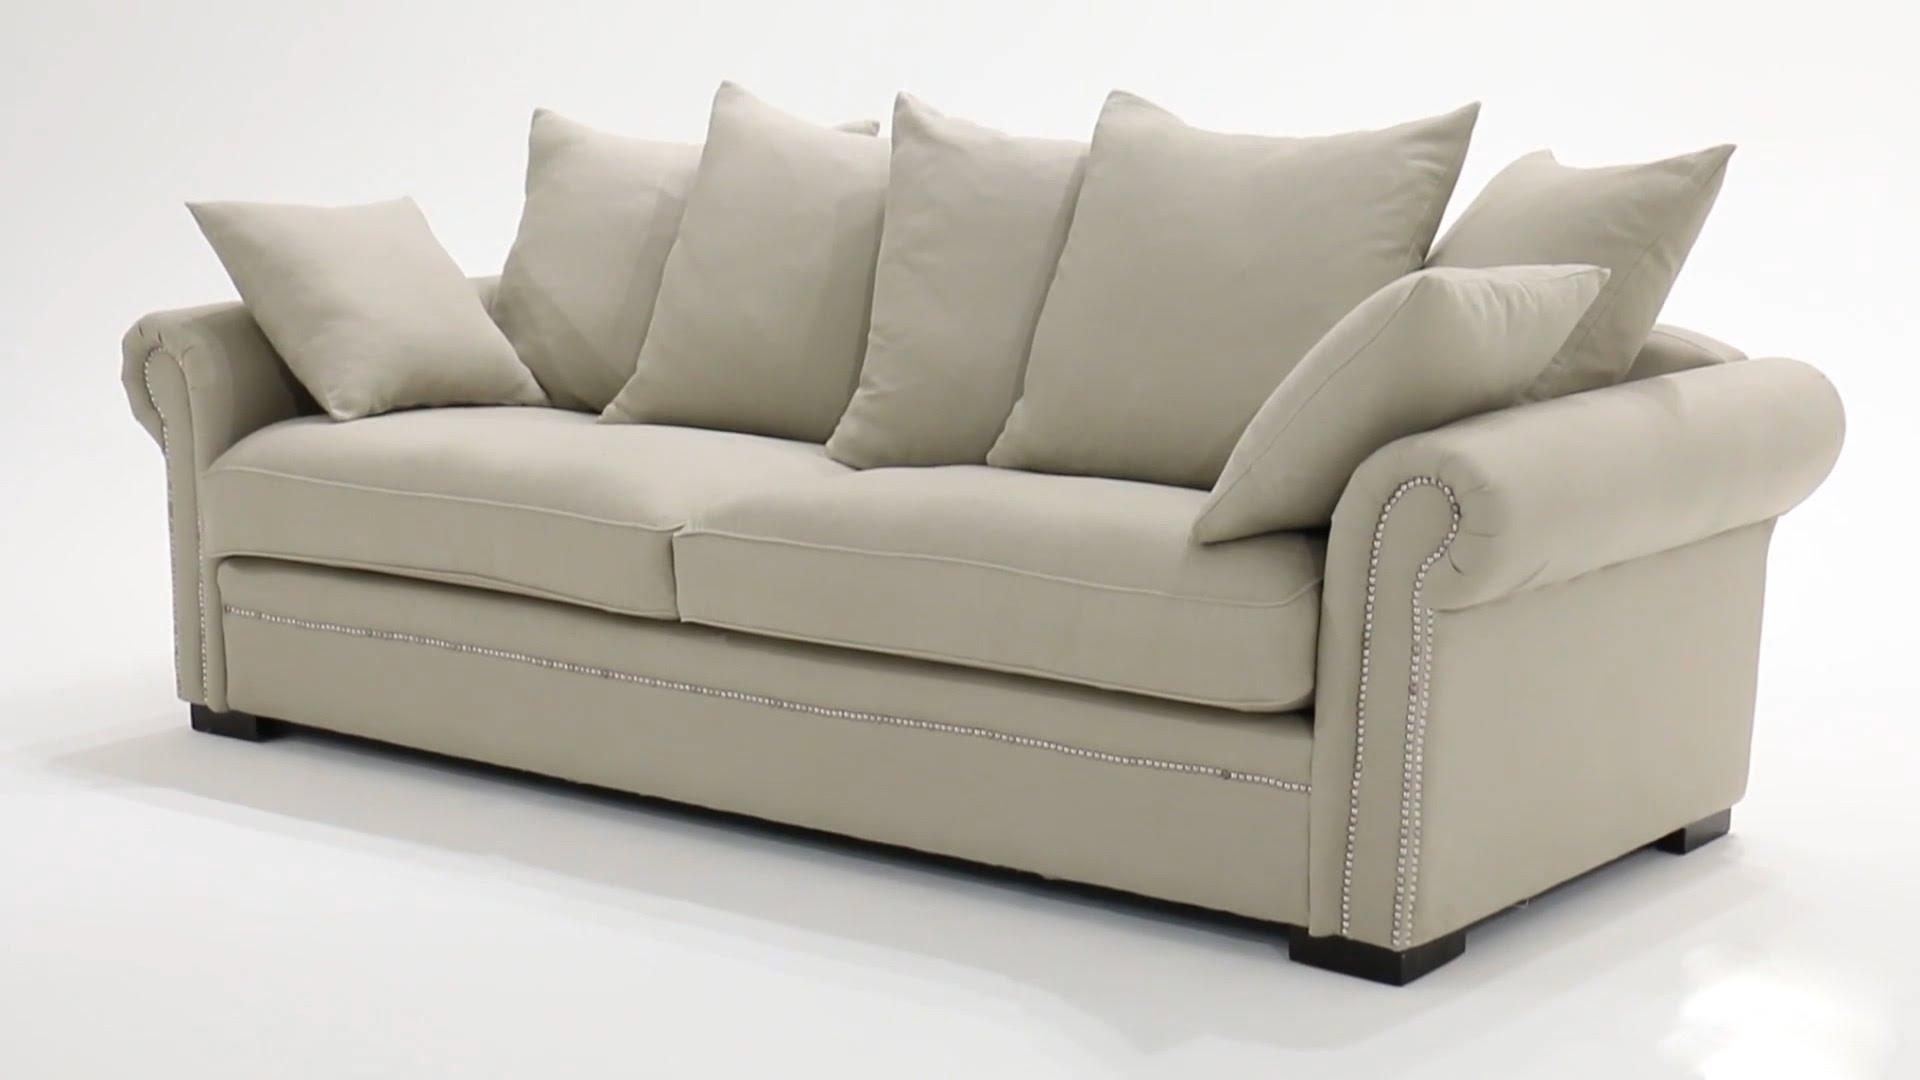 canap roma taupe maison du monde id e pour cuisine. Black Bedroom Furniture Sets. Home Design Ideas